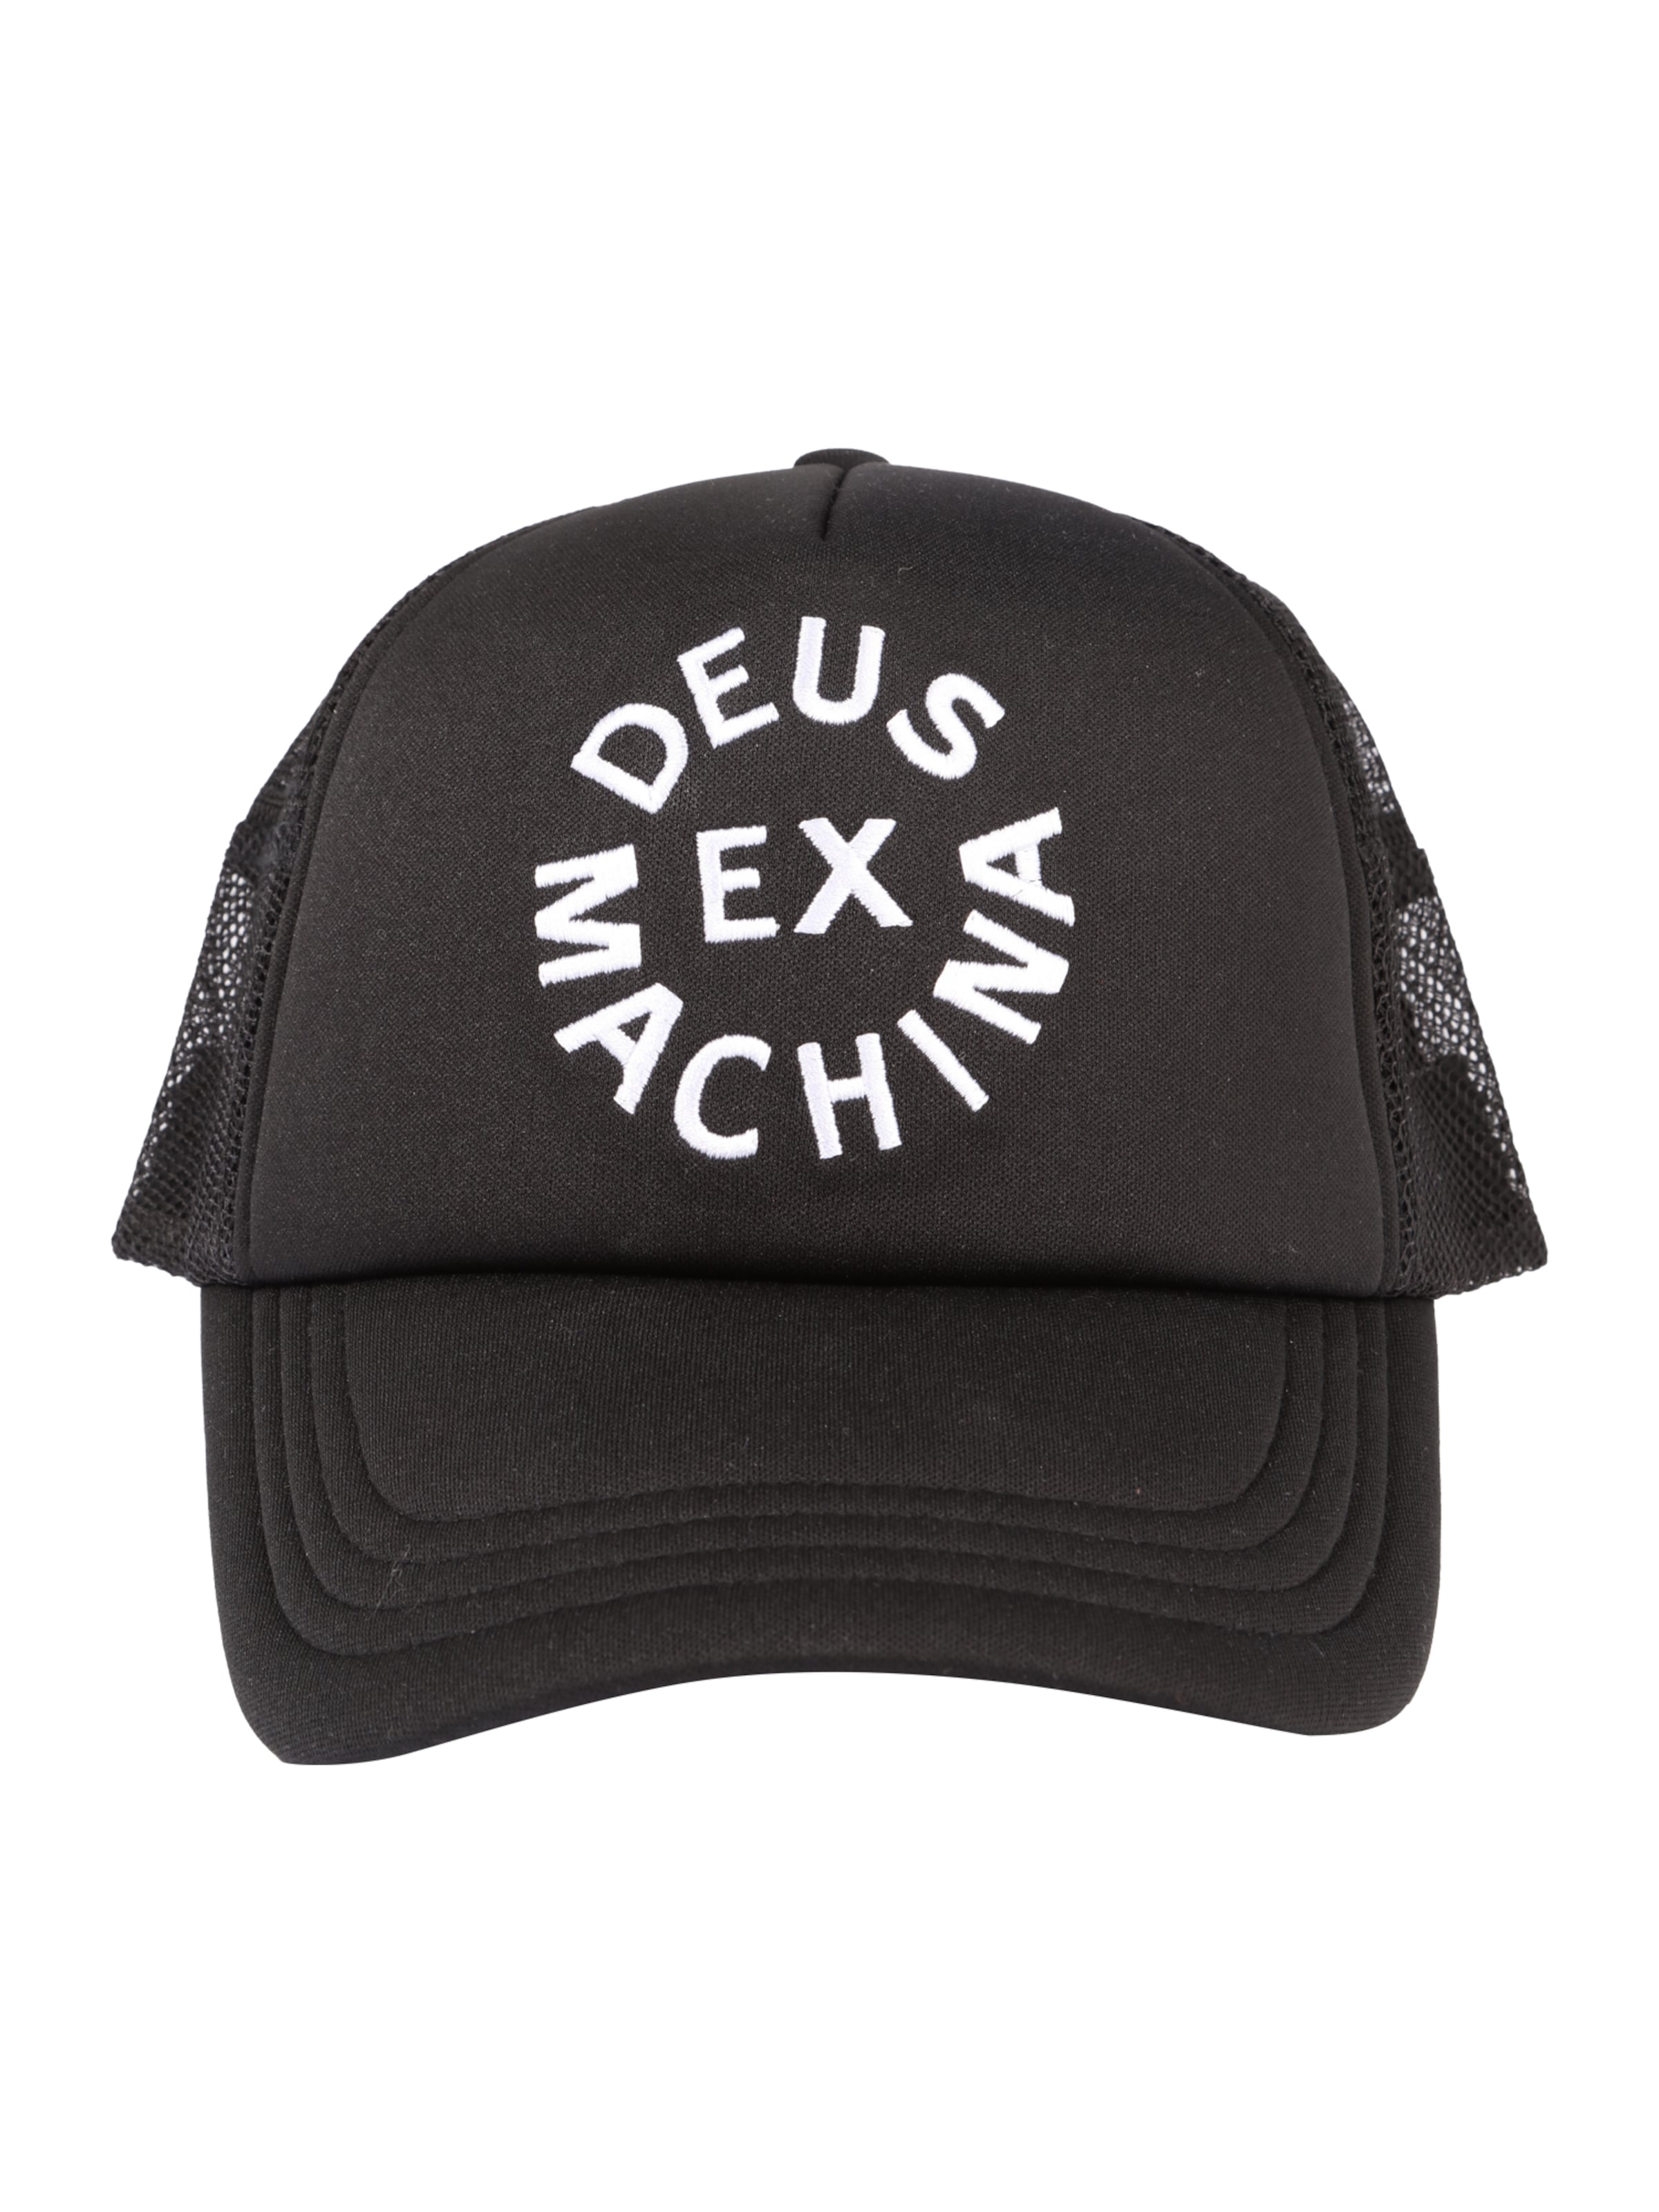 Rabatt Großhandel DEUS EX MACHINA Cap 'Circle' Bekommt Einen Rabatt Zu Kaufen Günstiges Shop-Angebot Verkauf Sneakernews ONykH